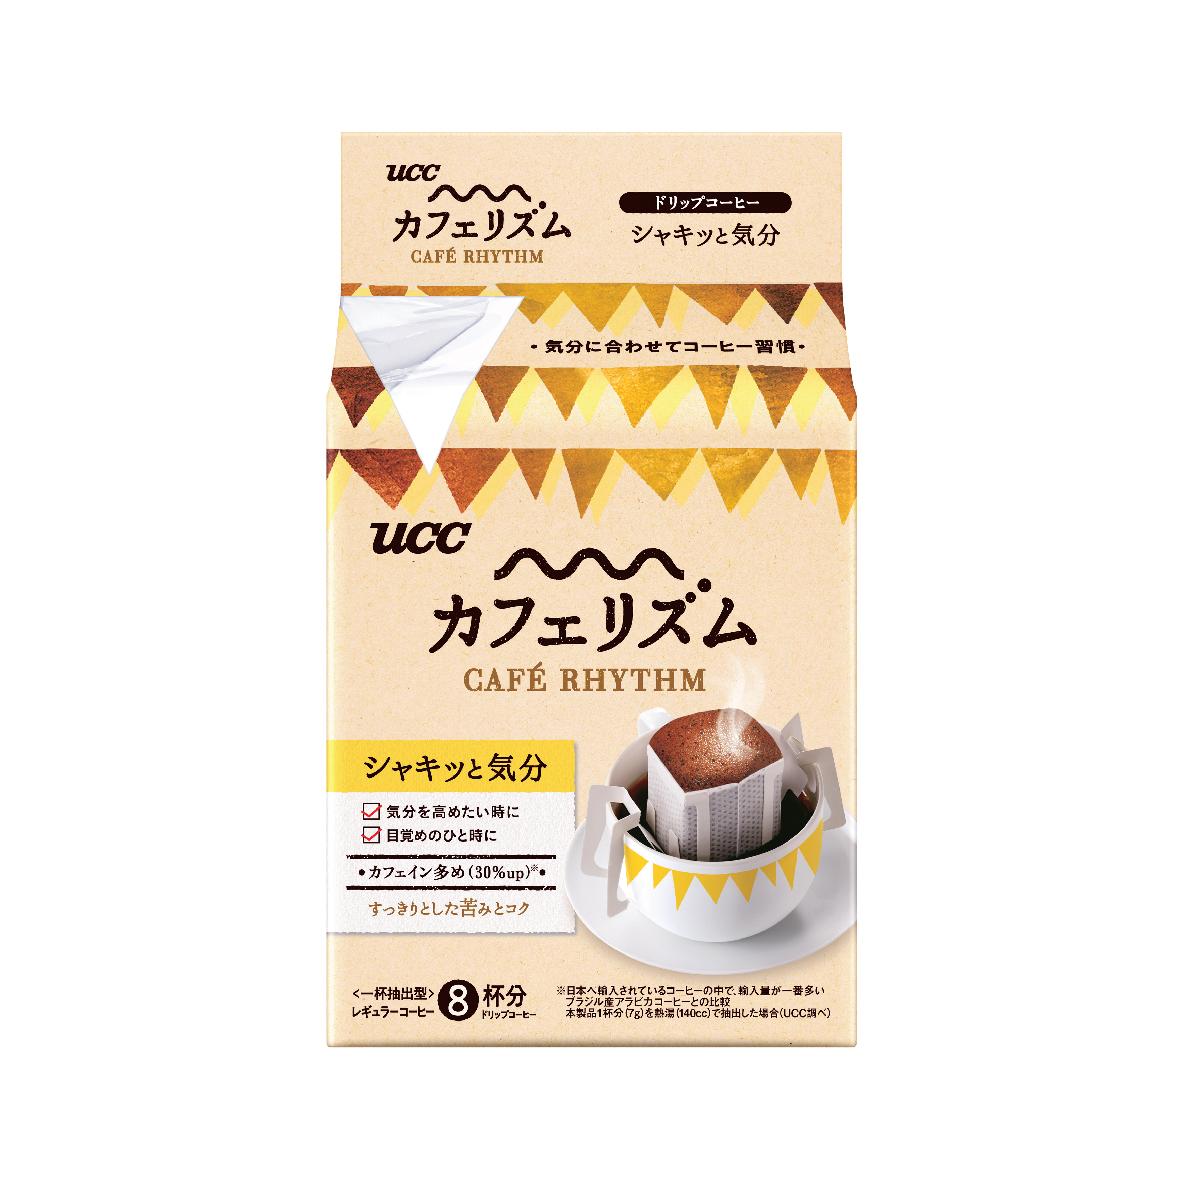 UCC Cafe Rhythm Crisp Drip Coffee